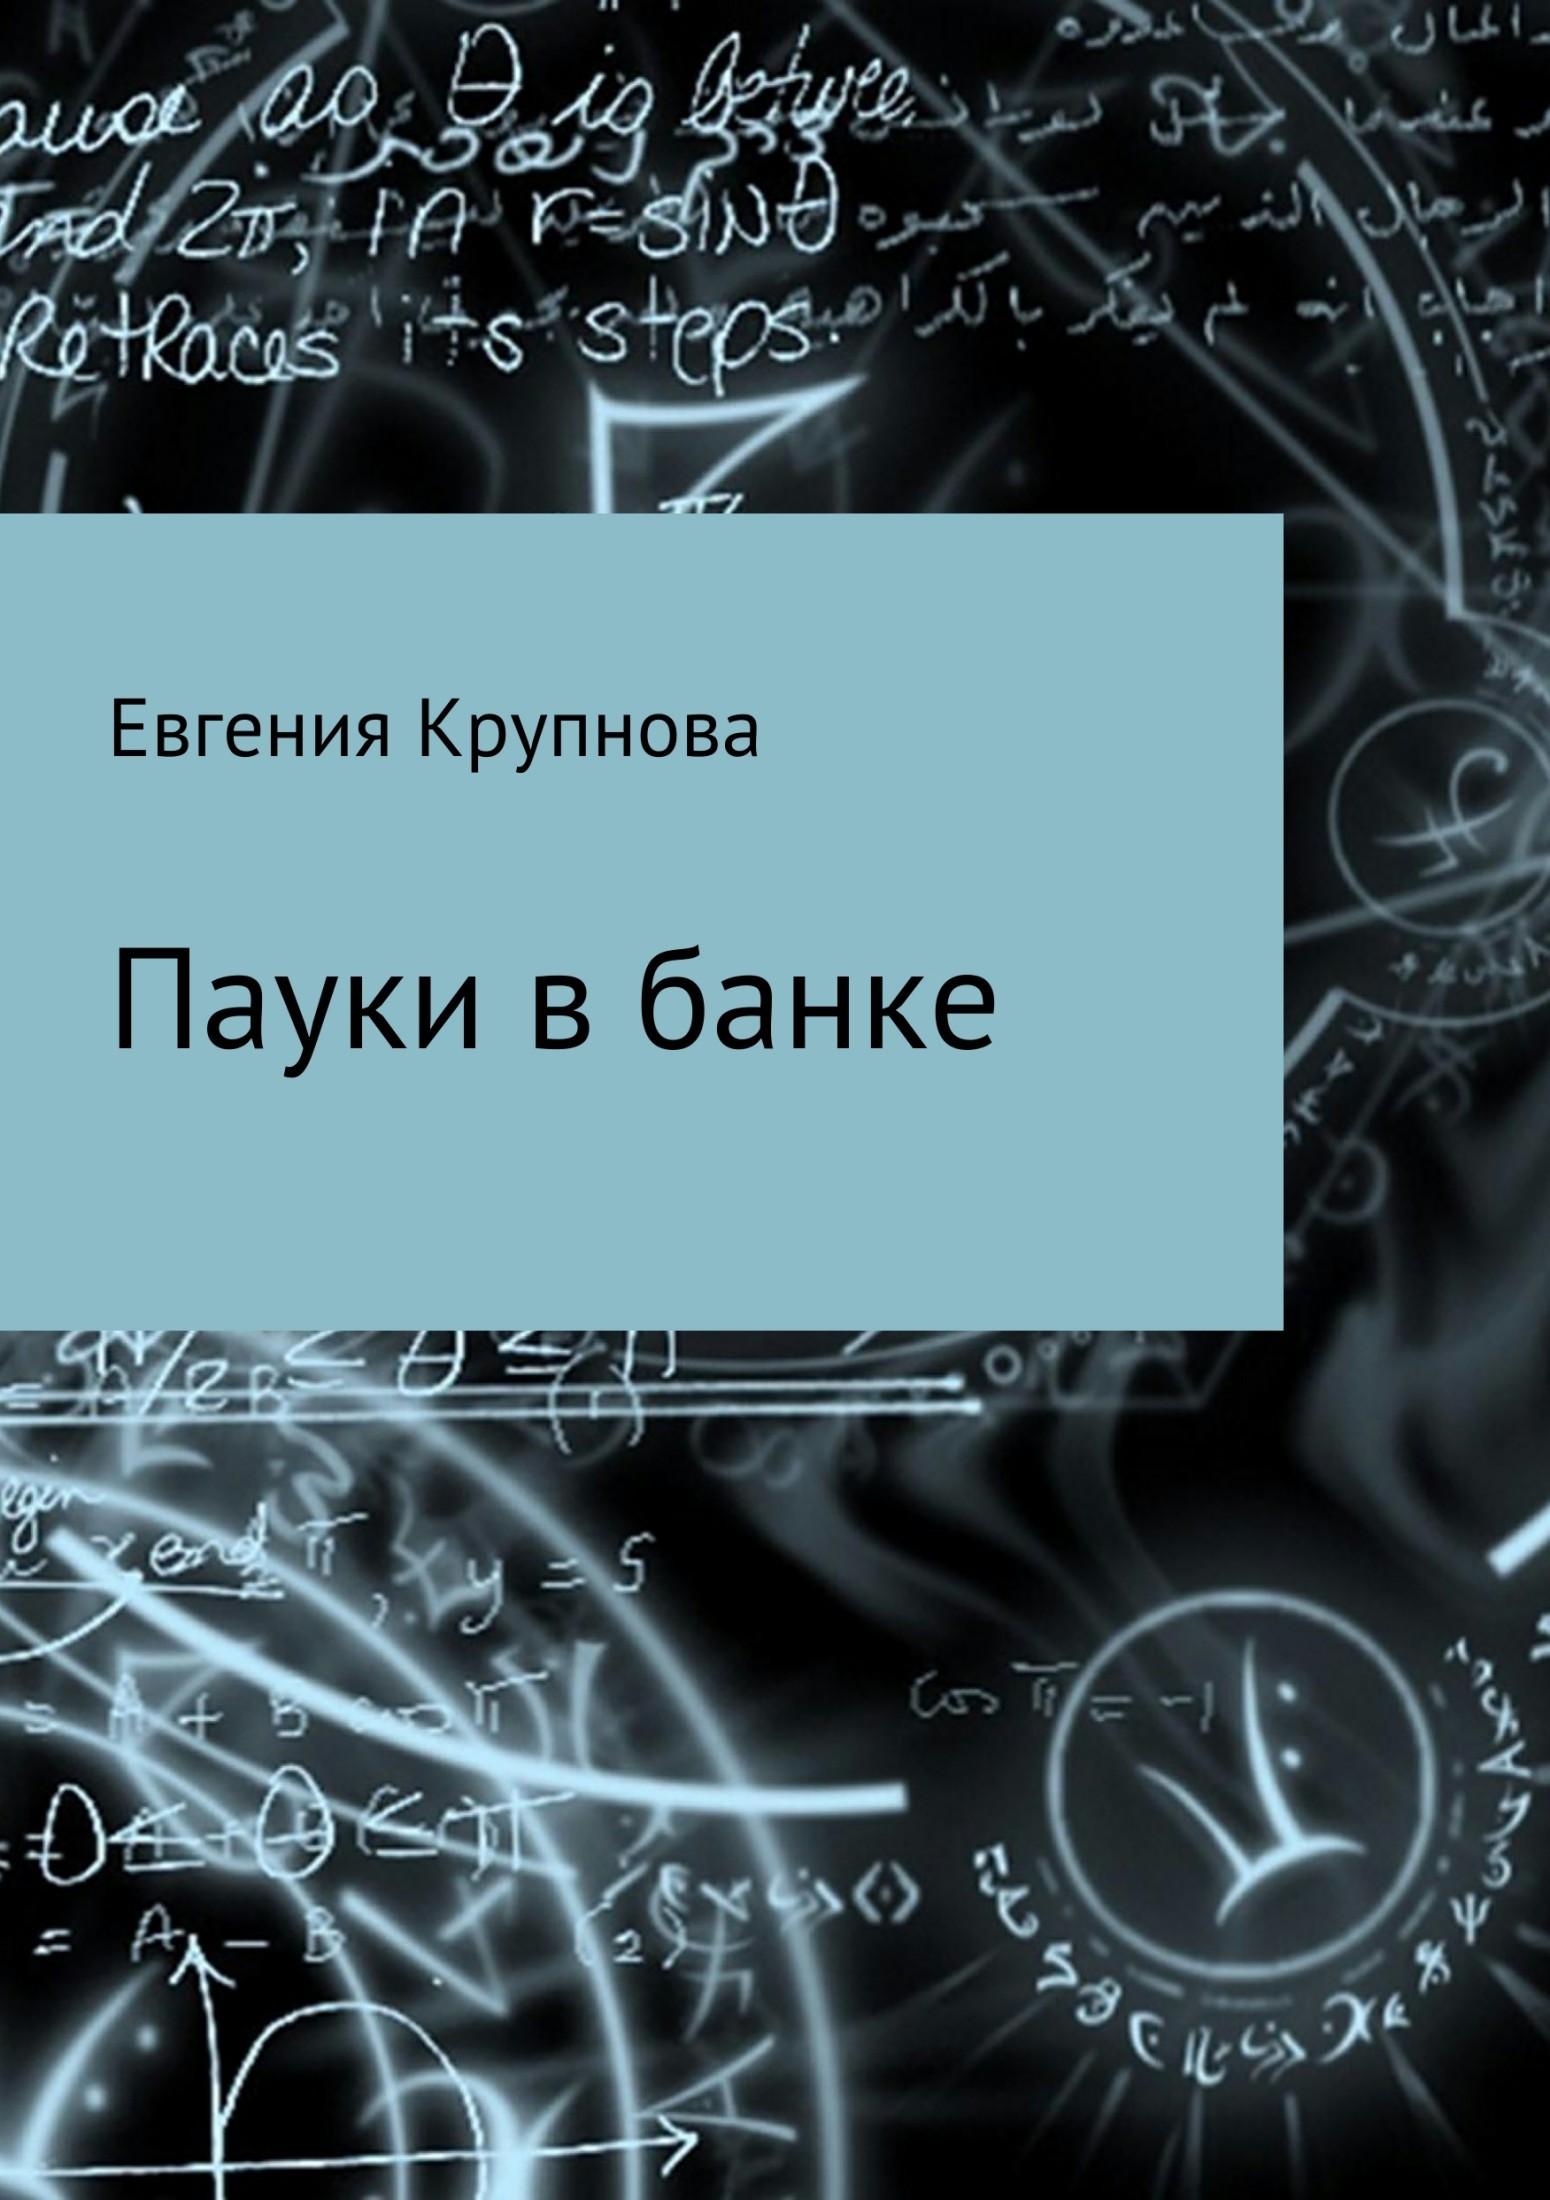 Евгения Анатольевна Крупнова. Пауки в банке